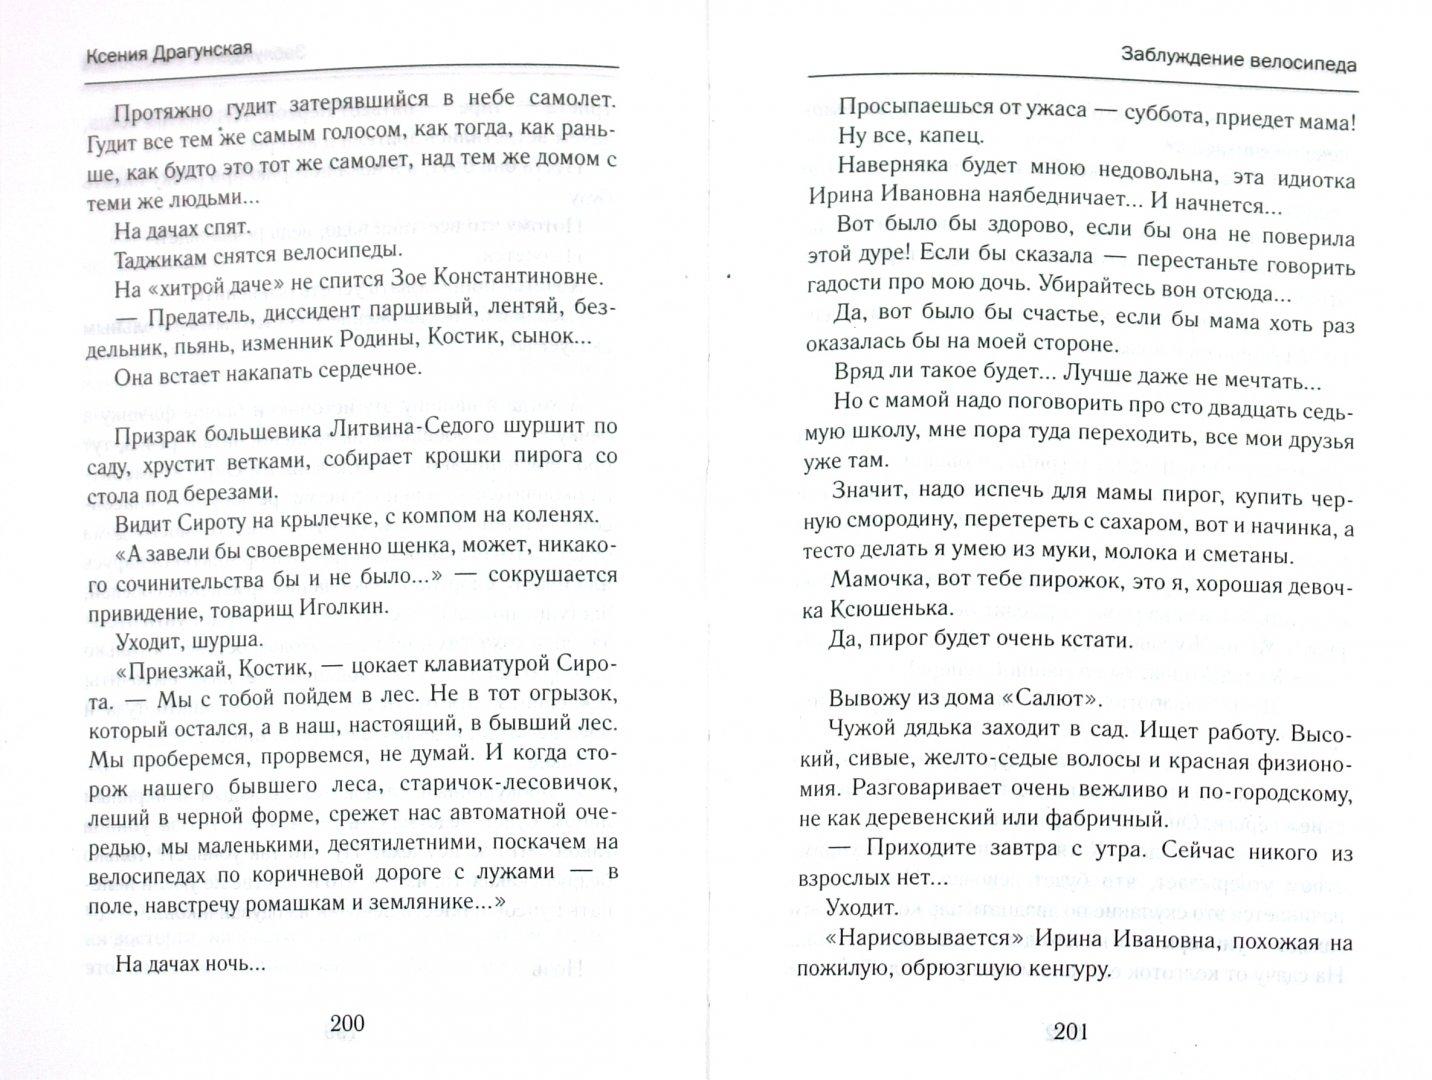 Иллюстрация 1 из 7 для Заблуждение велосипеда - Ксения Драгунская | Лабиринт - книги. Источник: Лабиринт